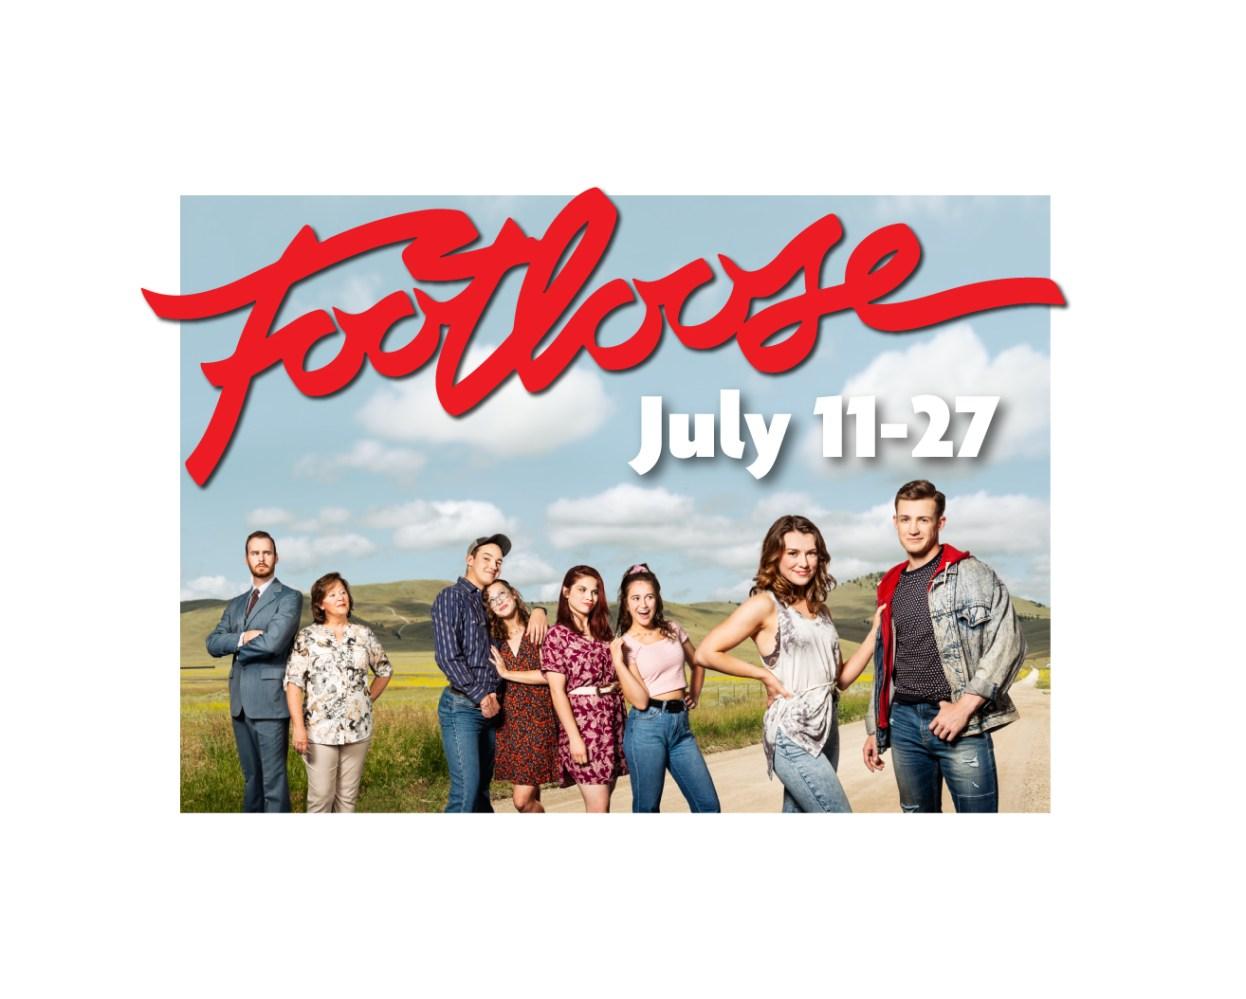 Footloose-Promo